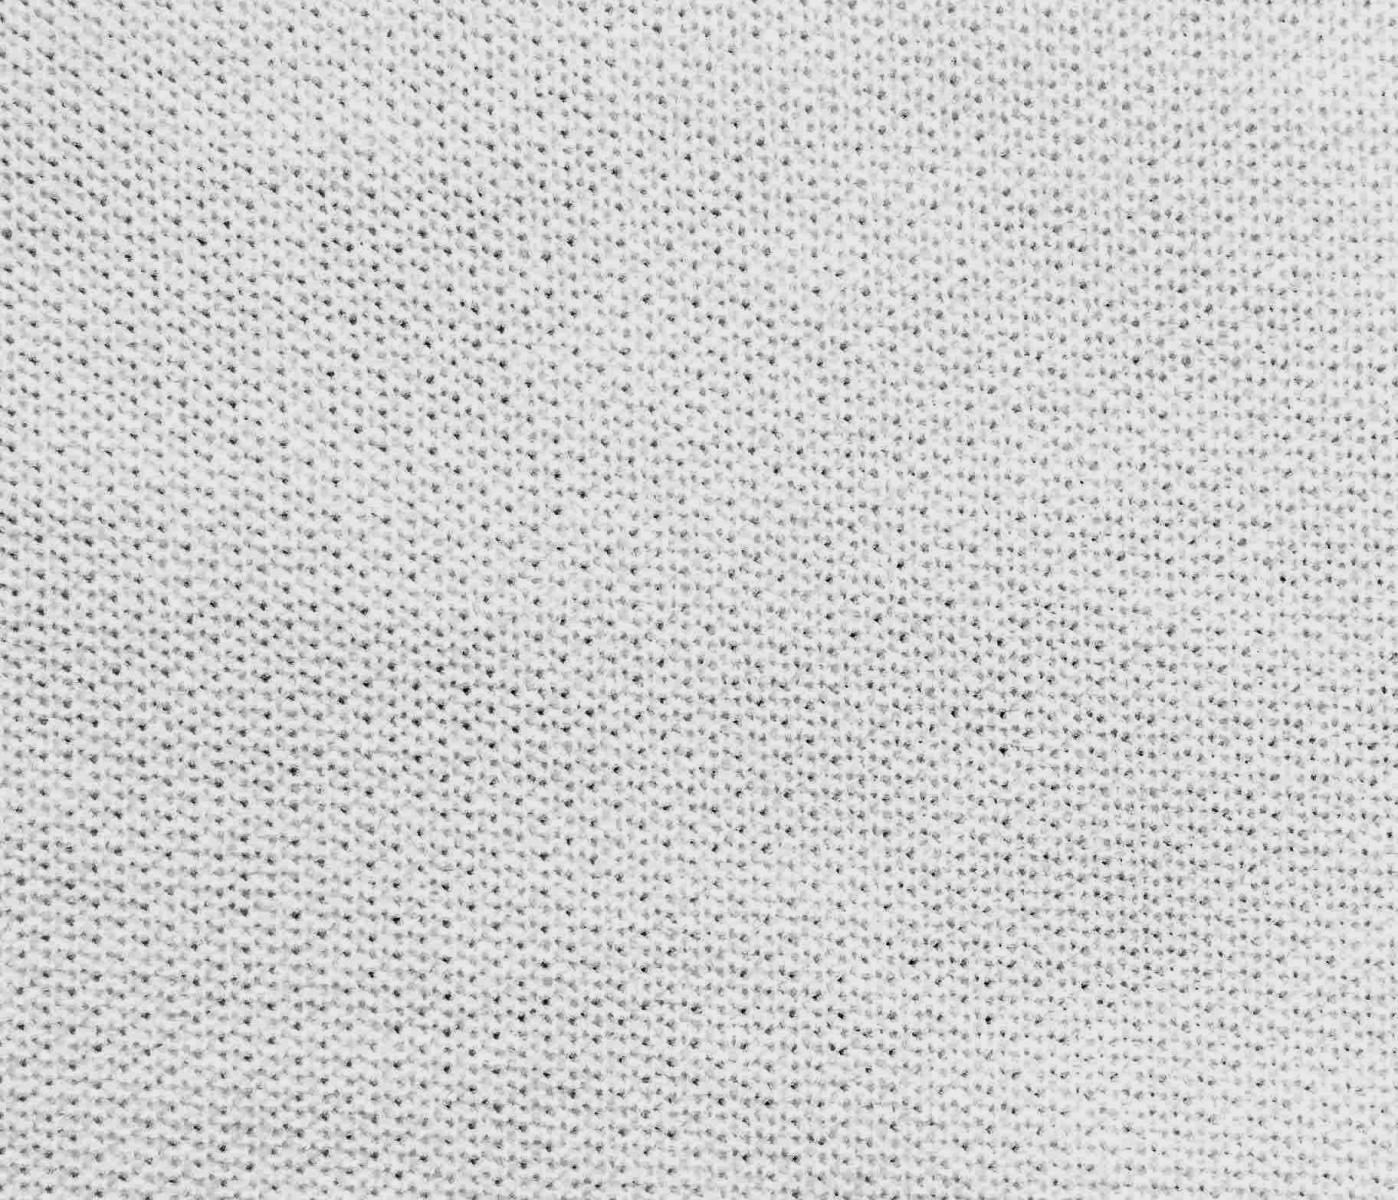 3286dc8f Пошив толстовок с принтом. Толстовки на заказ с печатью логотипа. Заказать,  доставка по